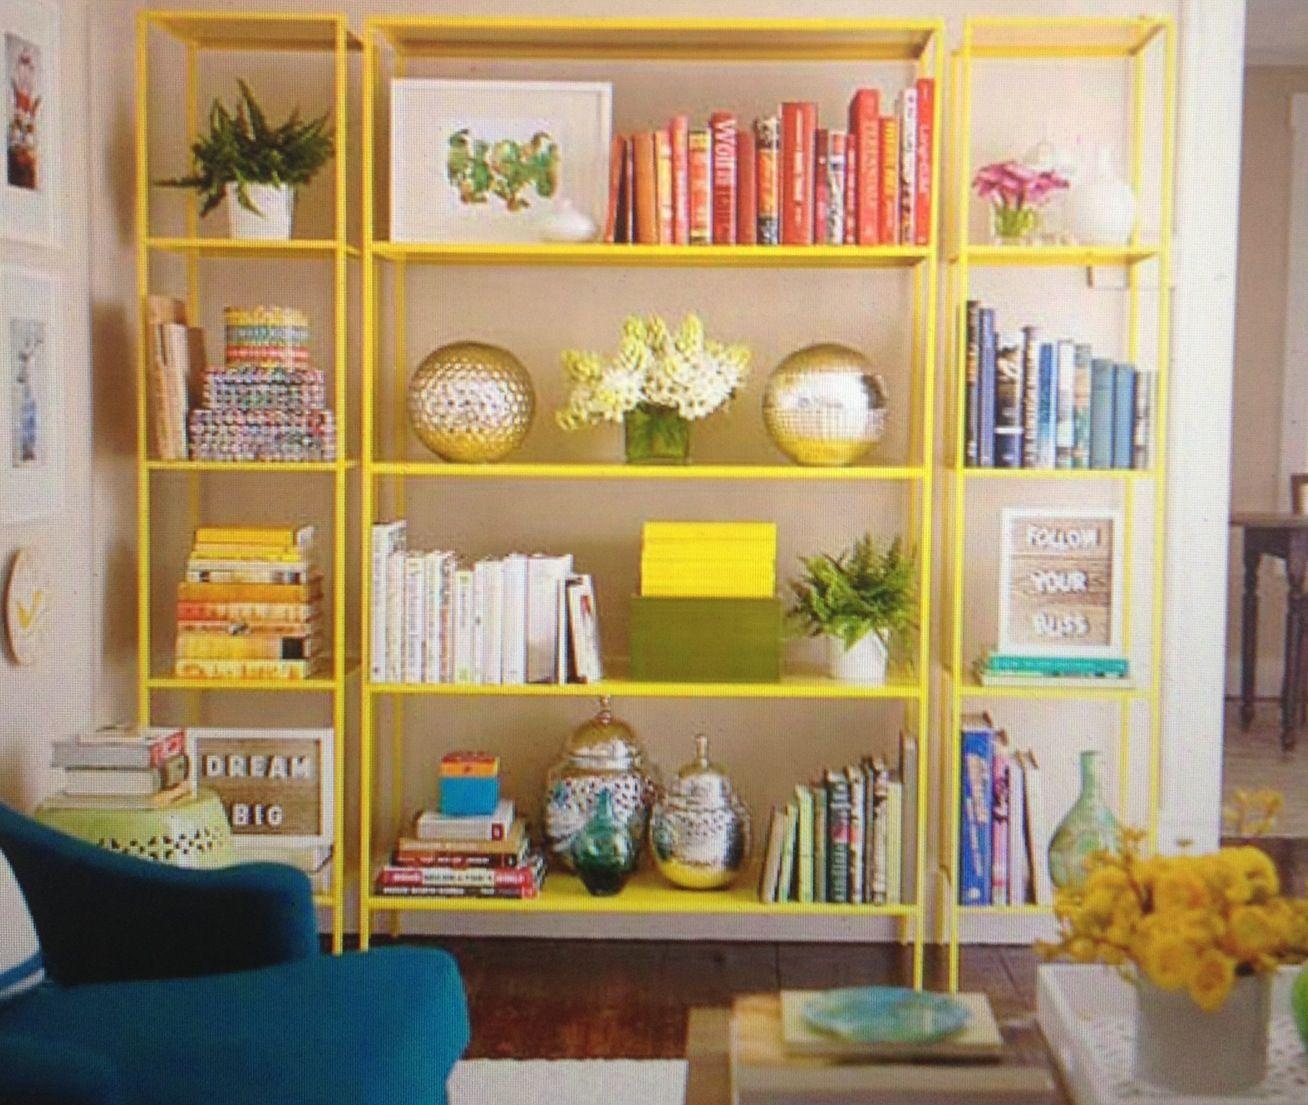 Ikea Vittsjo shelving | For the Home | Pinterest | Ikea vittsjo ...